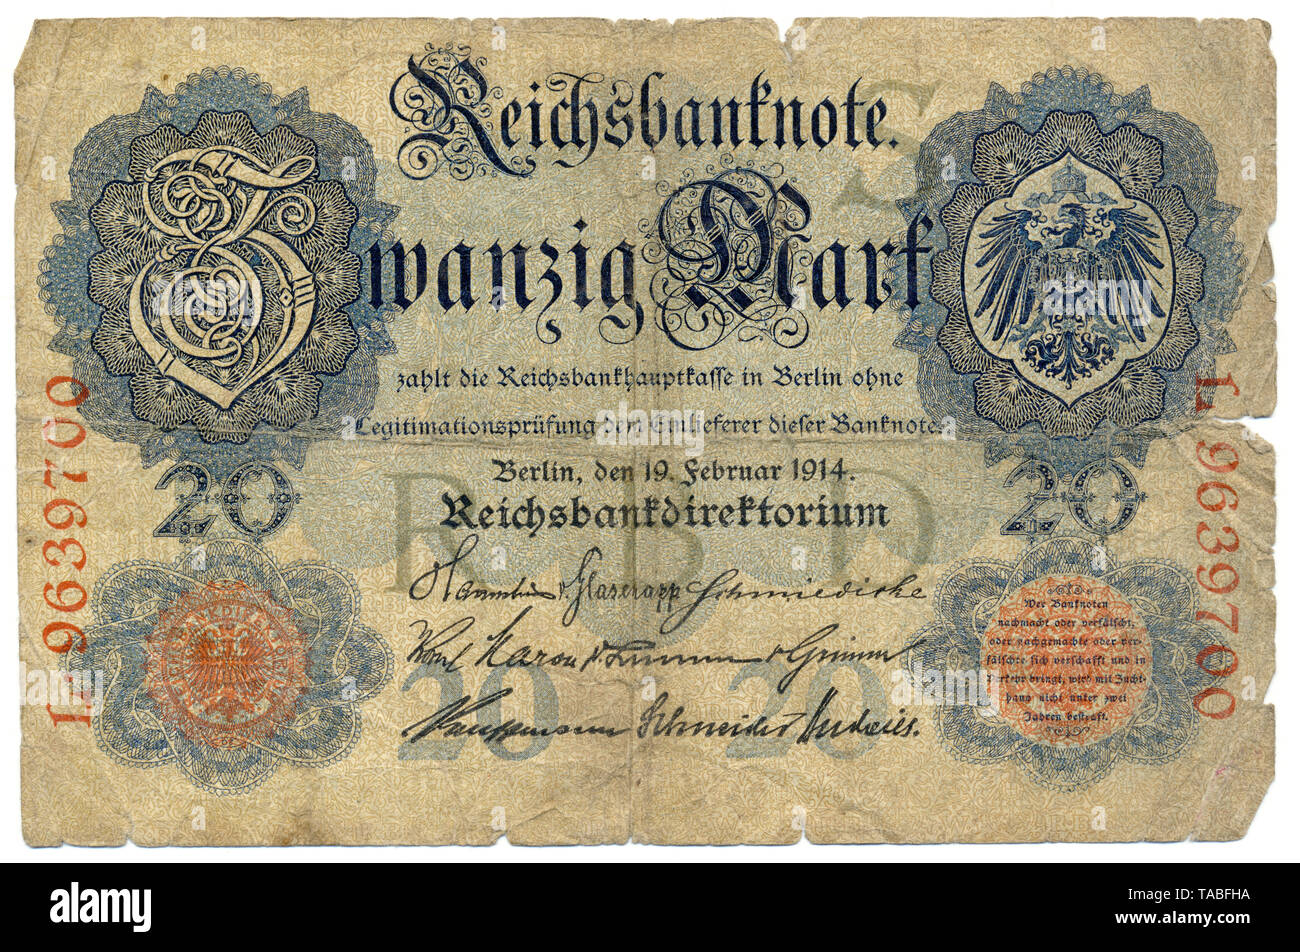 Vor der Reichsbank Banknote, 20 RM (Reichsmark), Deutschland, Vorderseite, Reichsbanknote, 20 RM (Reichsmark), 1914, Deutschland, Europa Stockbild